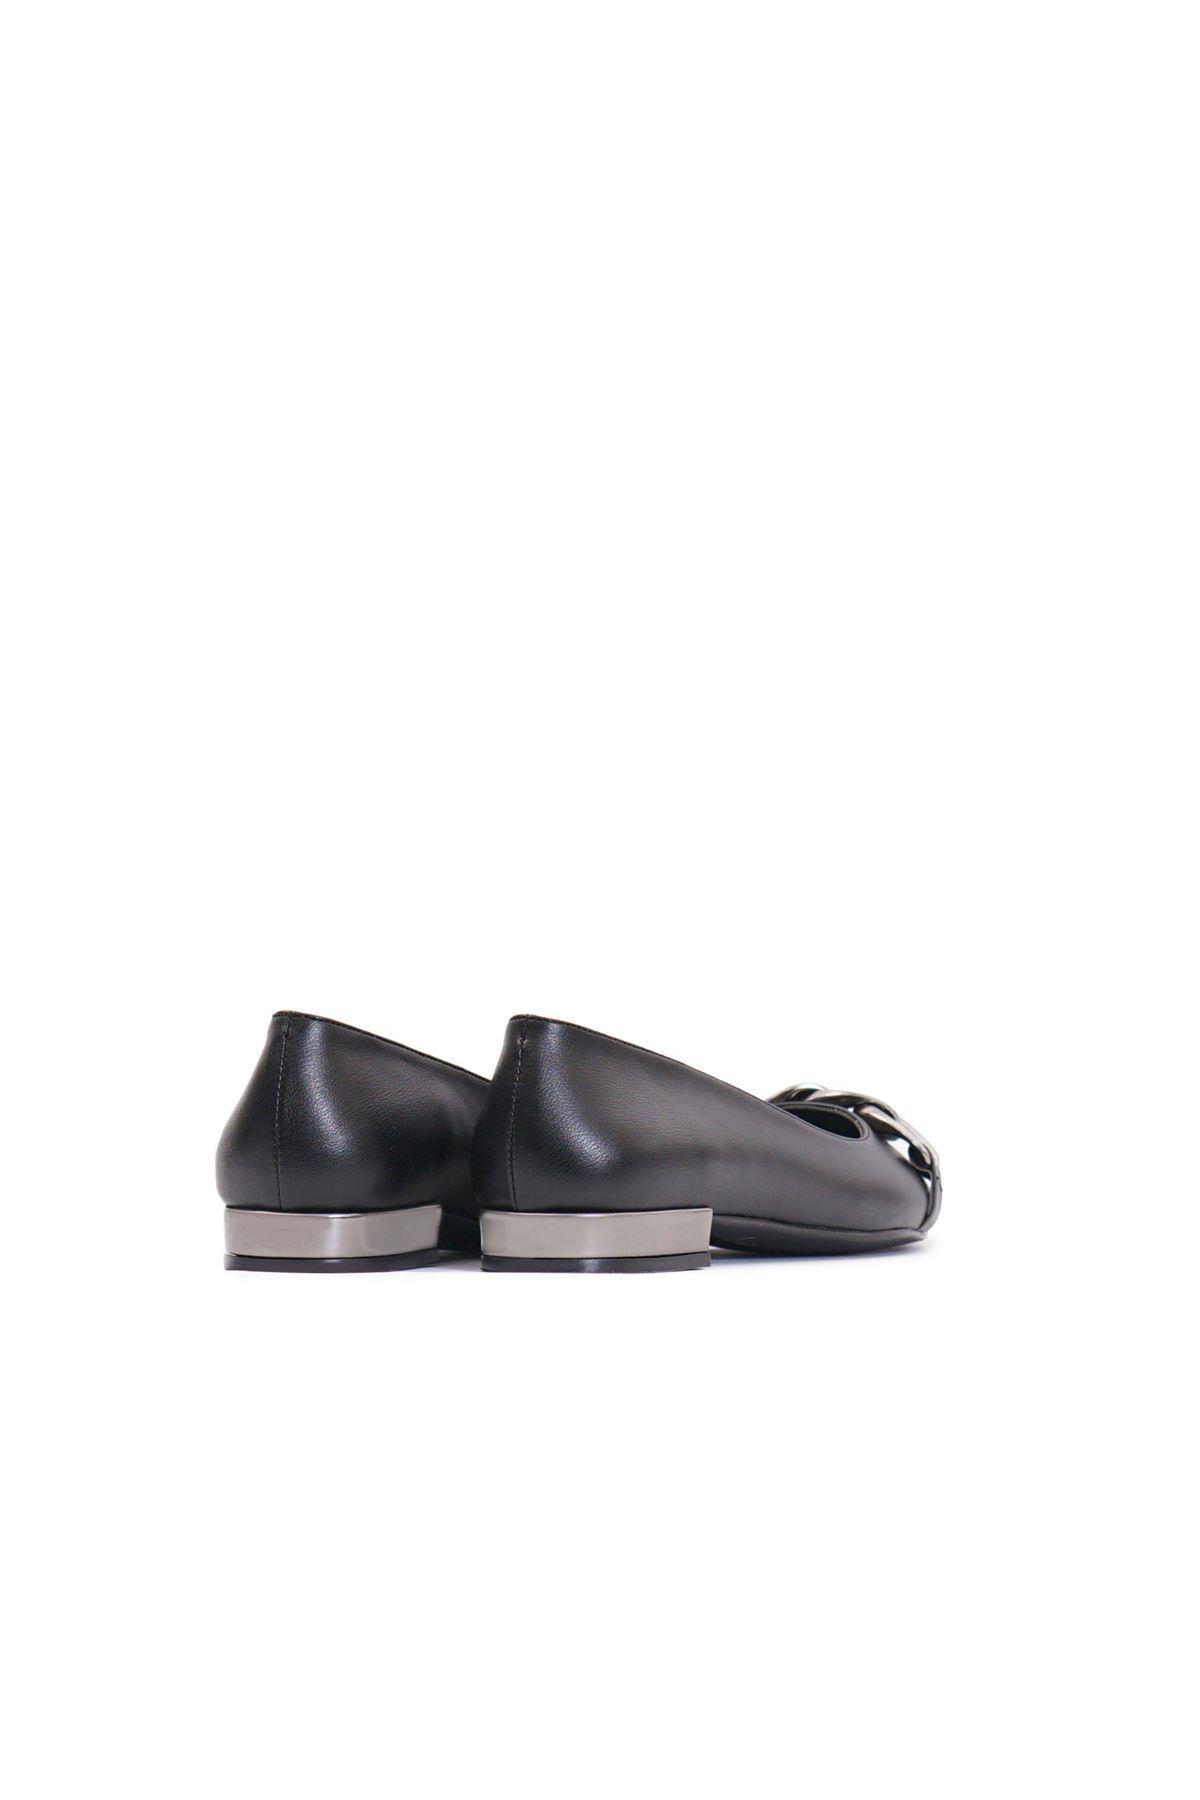 Kadın Zincir Detaylı Loafer Ayakkabı - Siyah